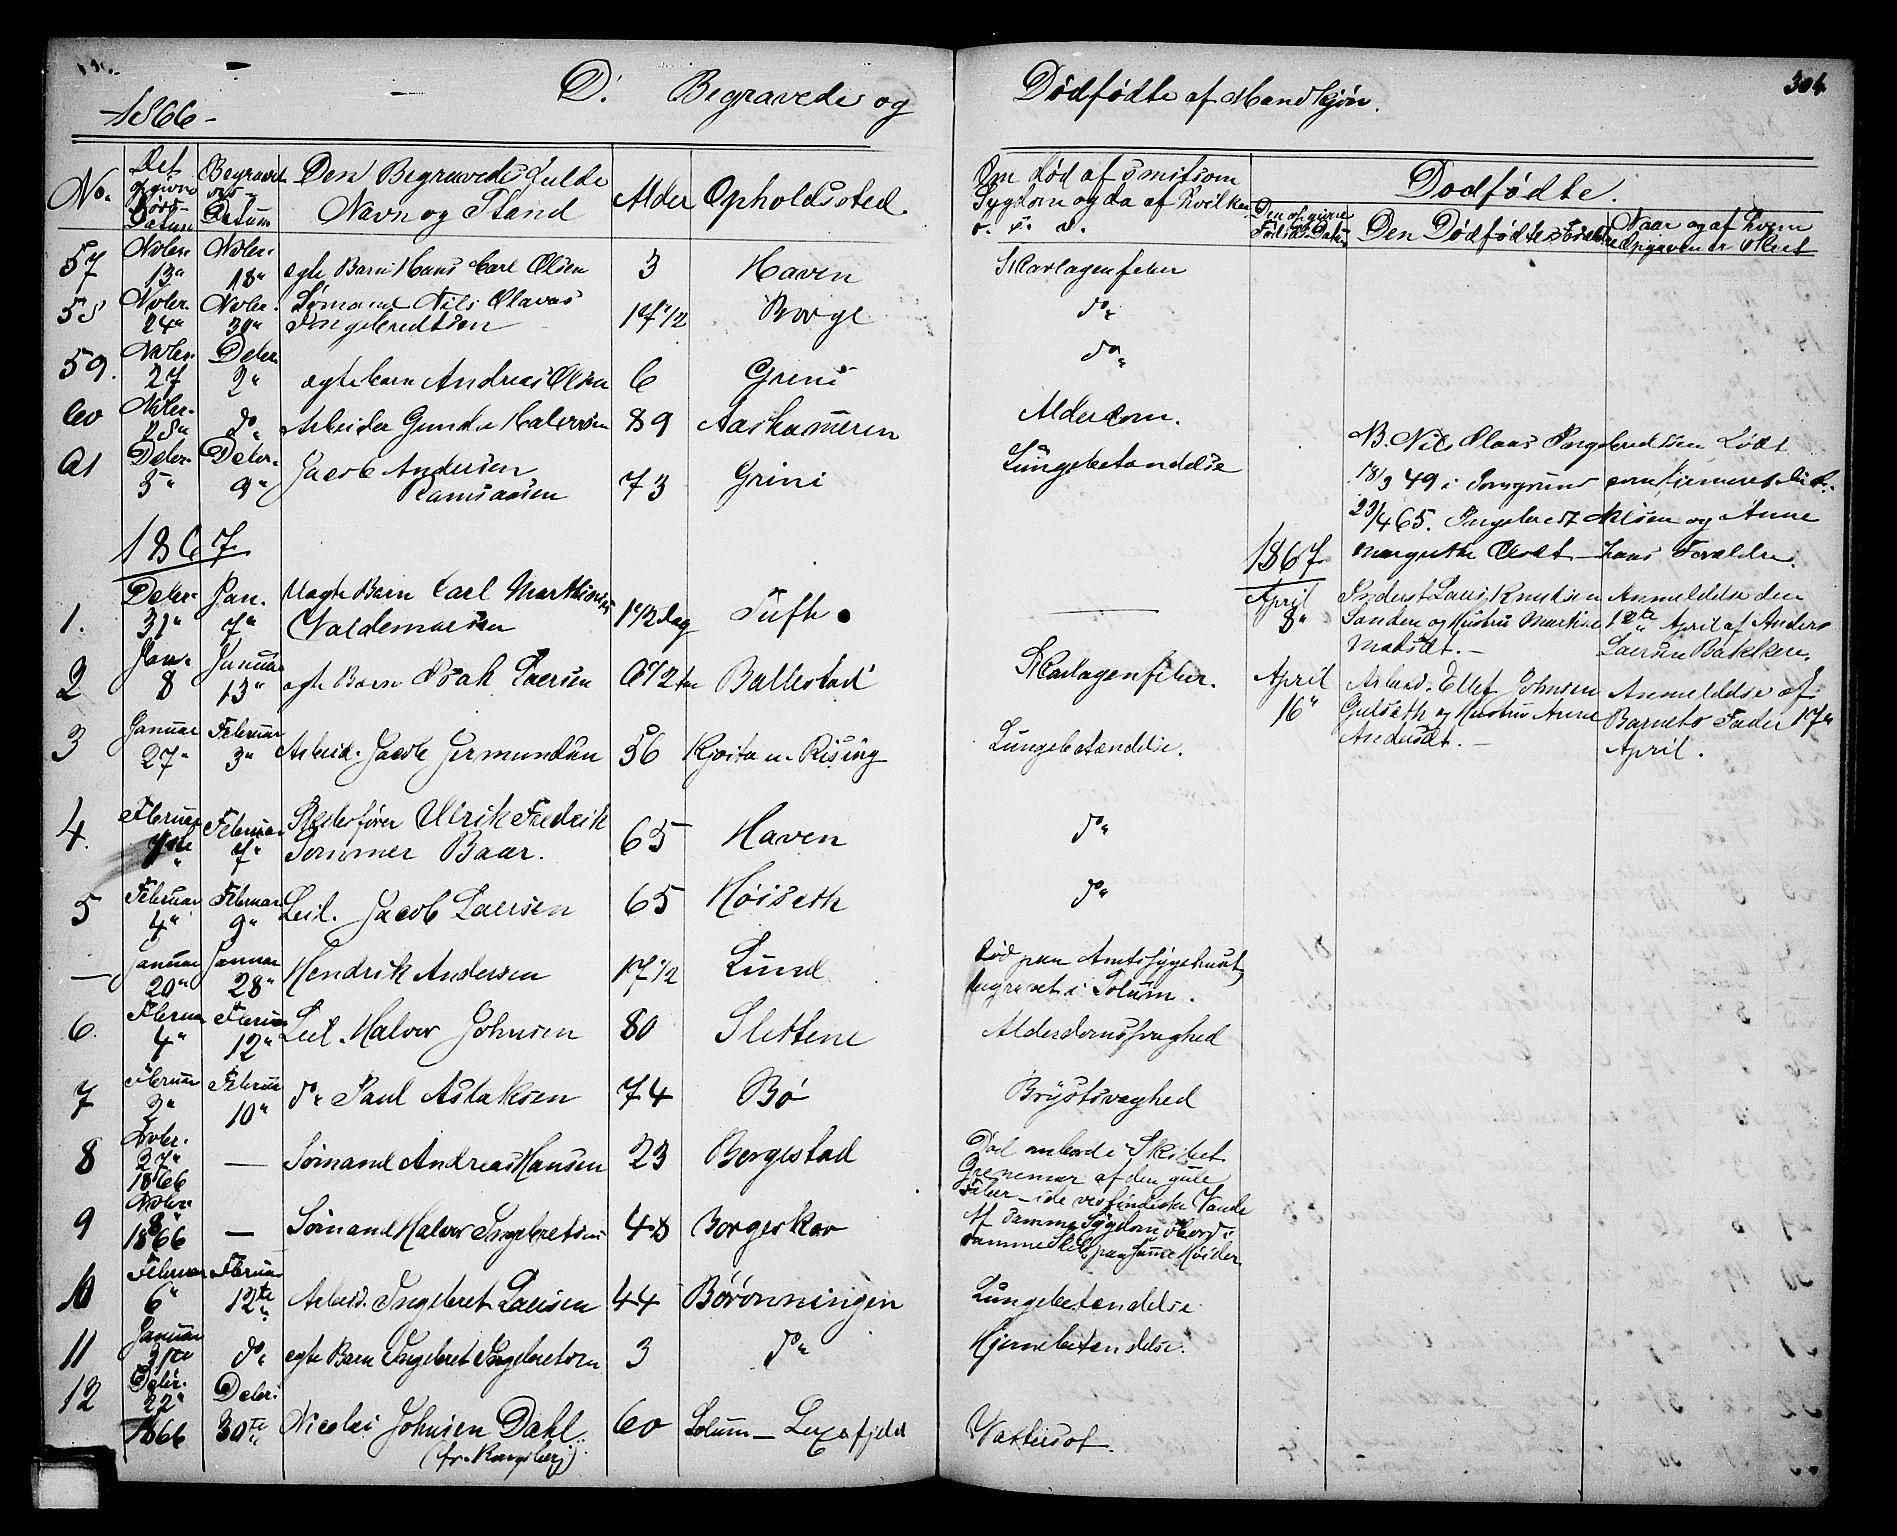 SAKO, Gjerpen kirkebøker, G/Ga/L0001: Klokkerbok nr. I 1, 1864-1882, s. 304